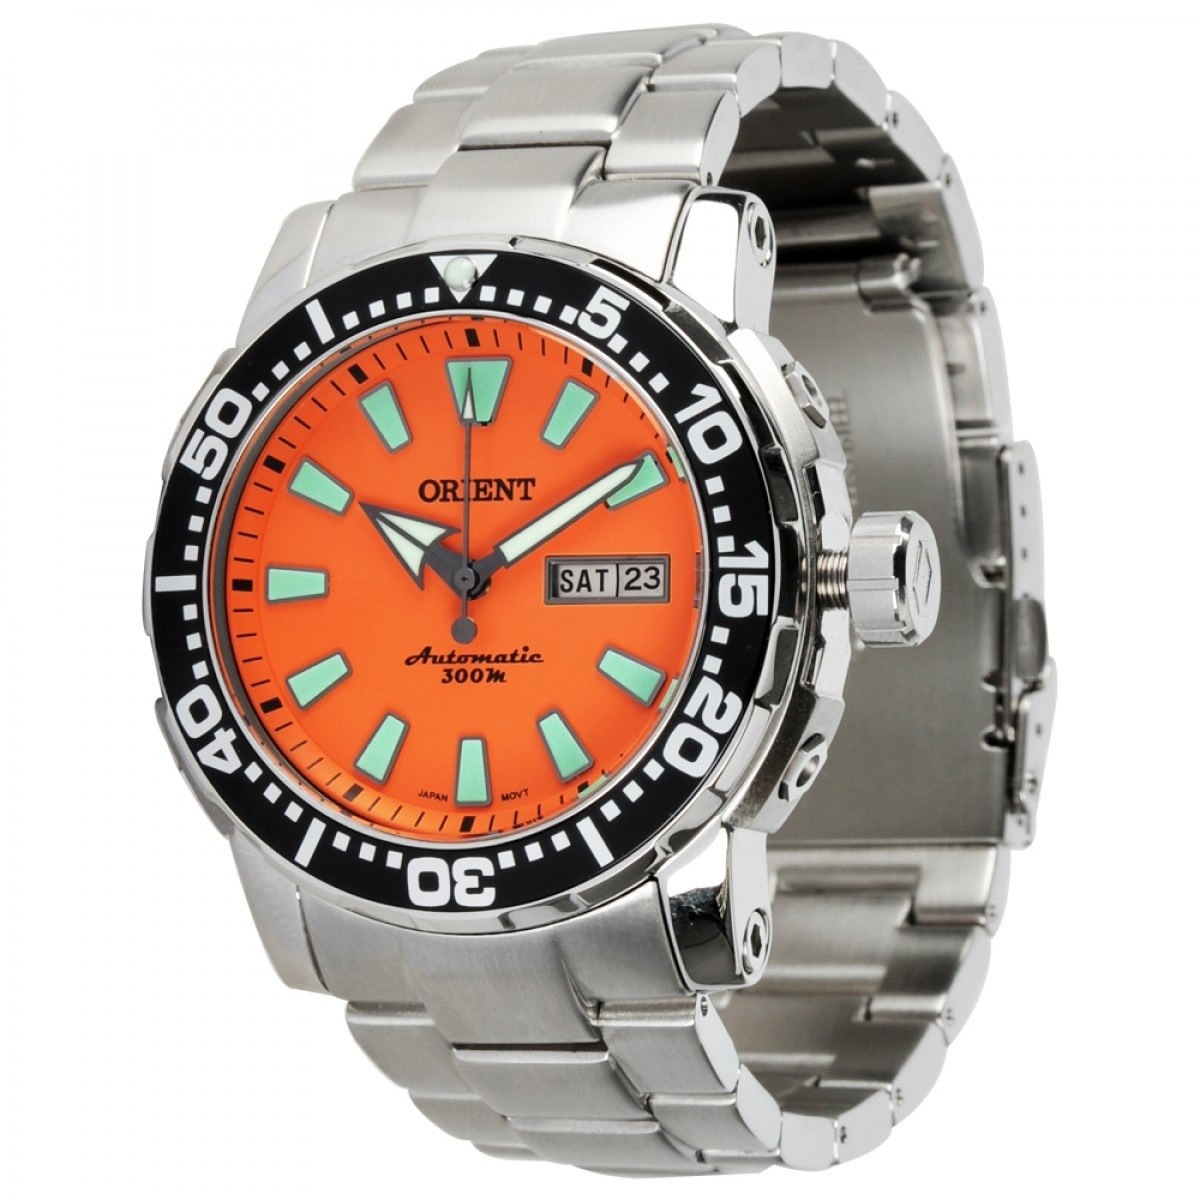 d34fa847b08 relógio orient automático analógico sport troca pulseira div. Carregando  zoom.